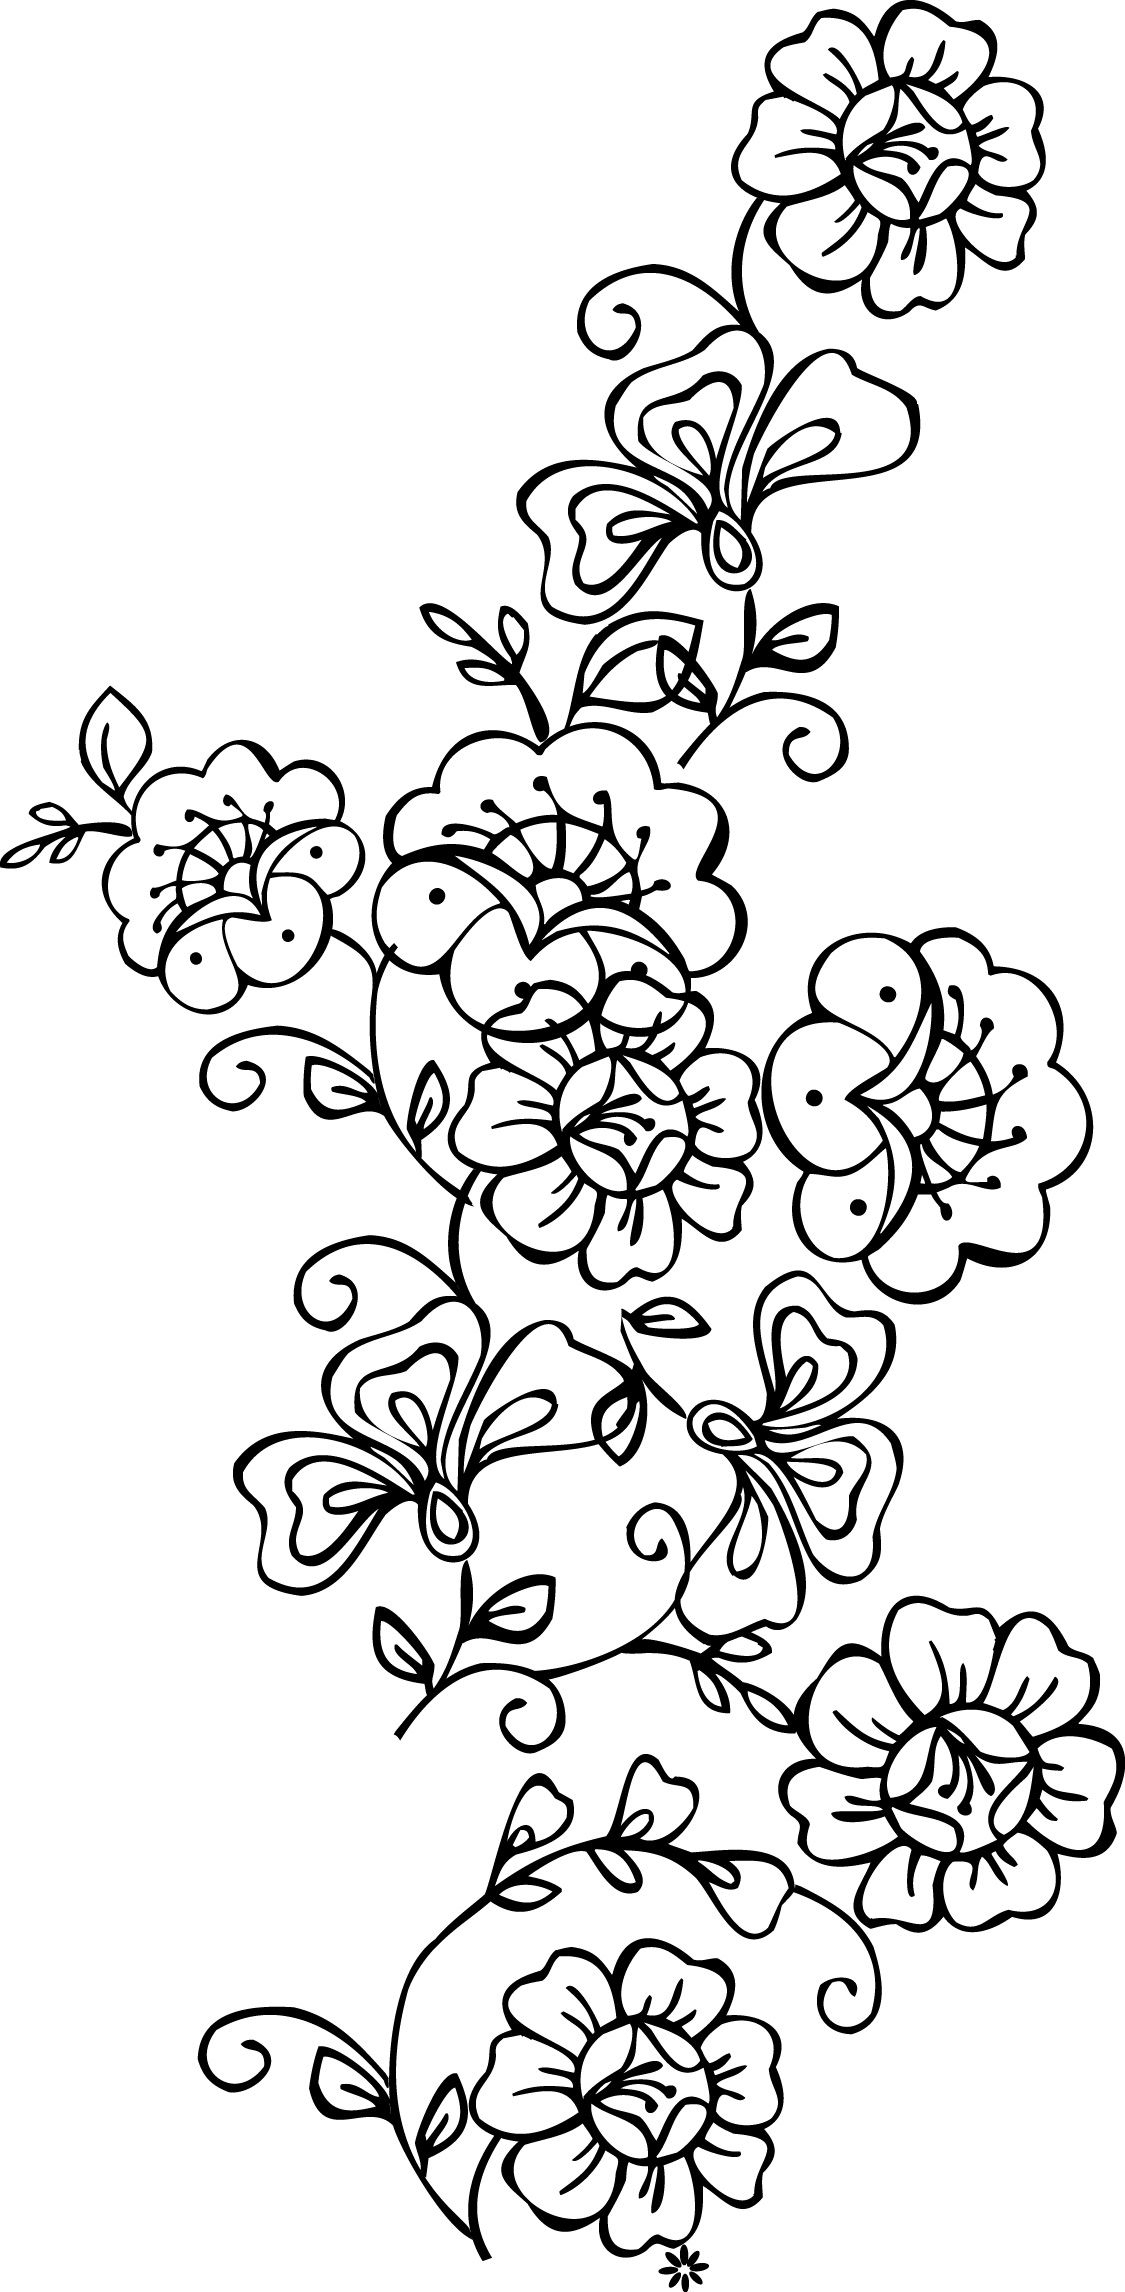 Free Printable Stencils Of Trees | Stencils Designs Free Printable - Free Printable Stencil Designs